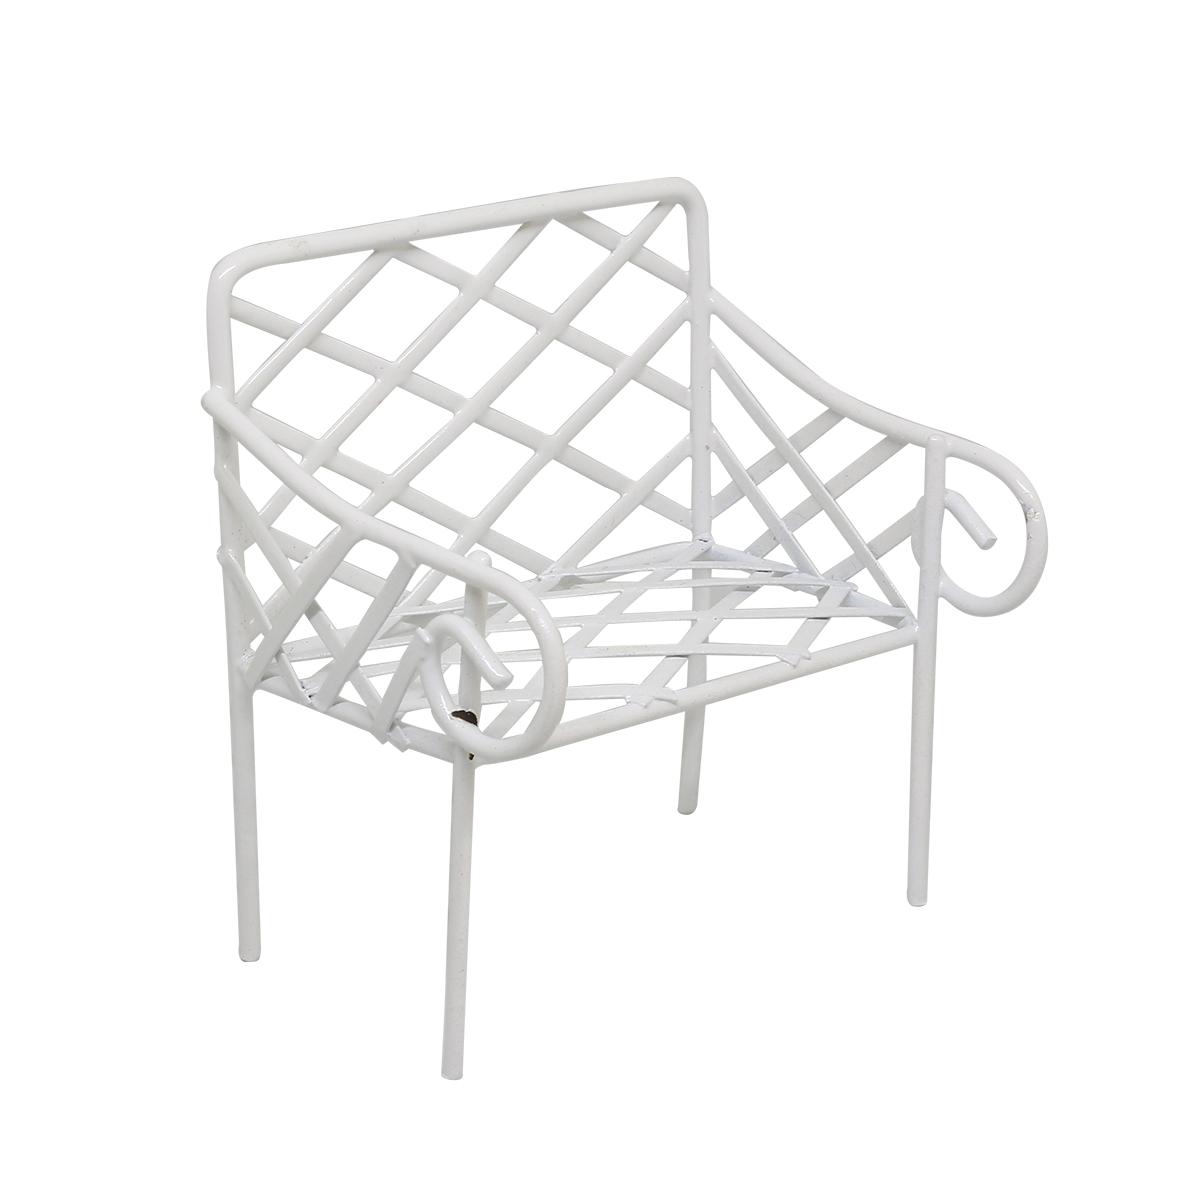 K9008 Металлическая скамейка, 5*8*9 см